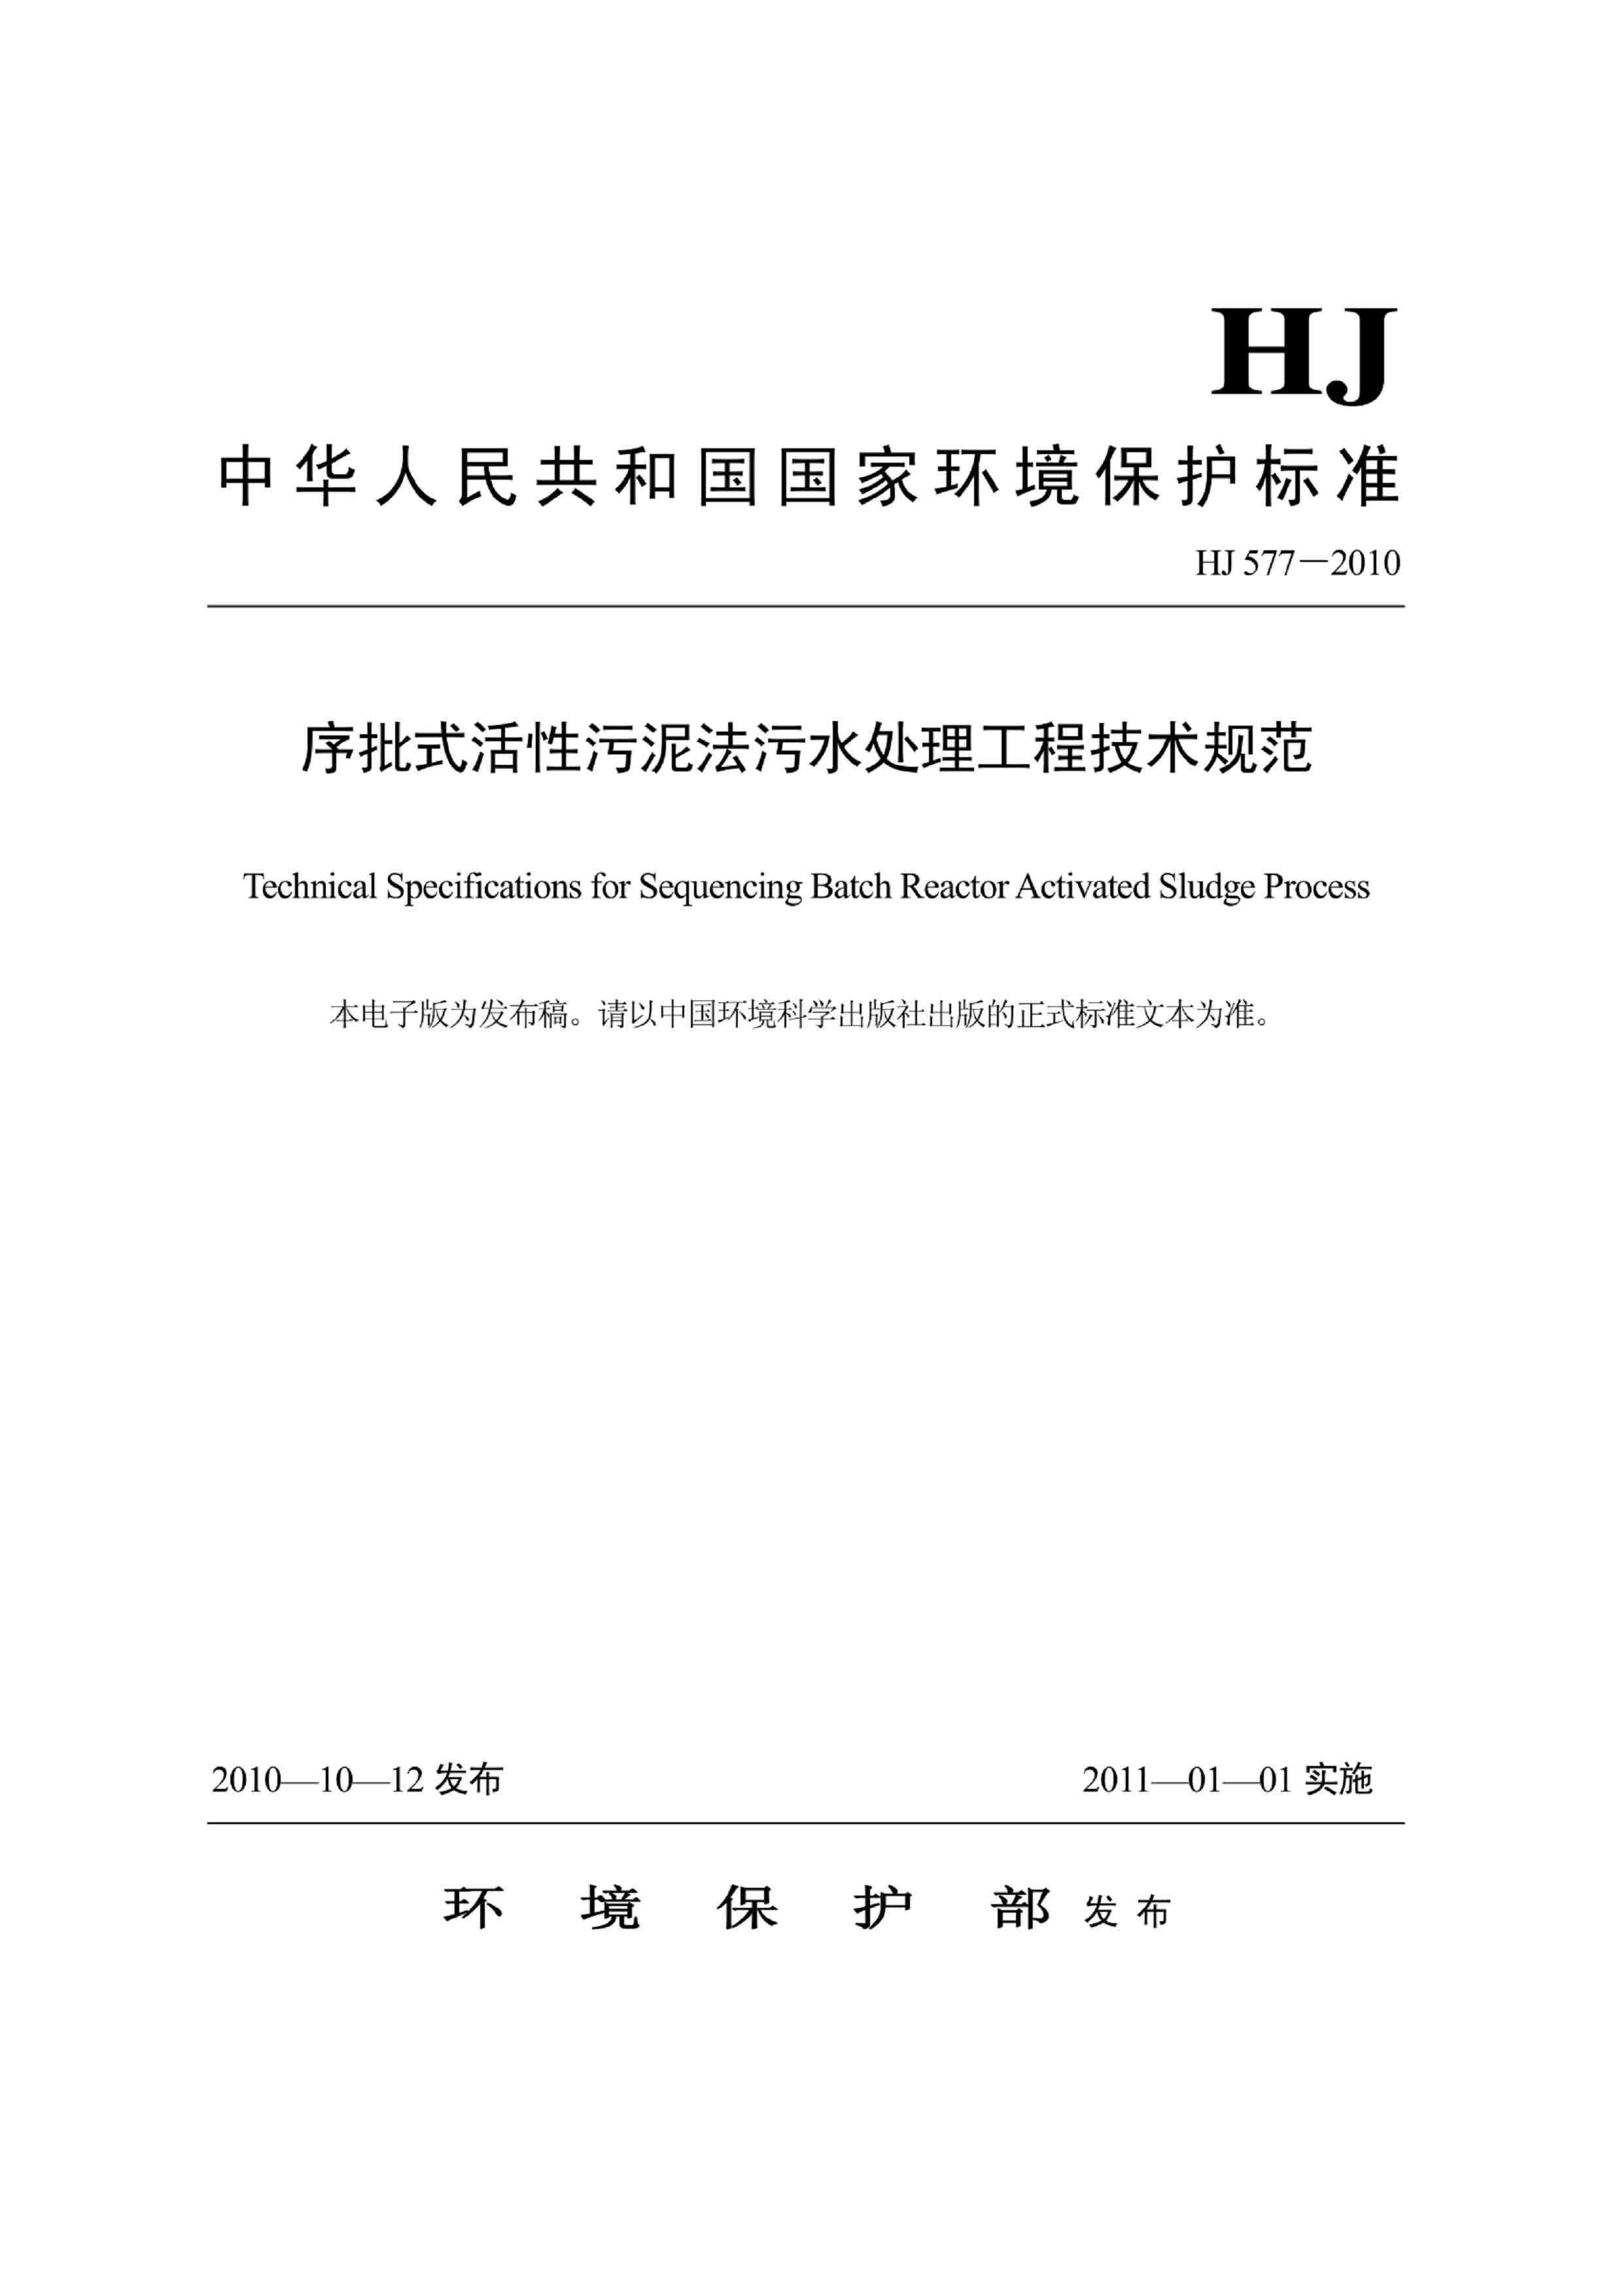 hj577-2010 序批式活性污泥法污水处理工程技术规范  下载